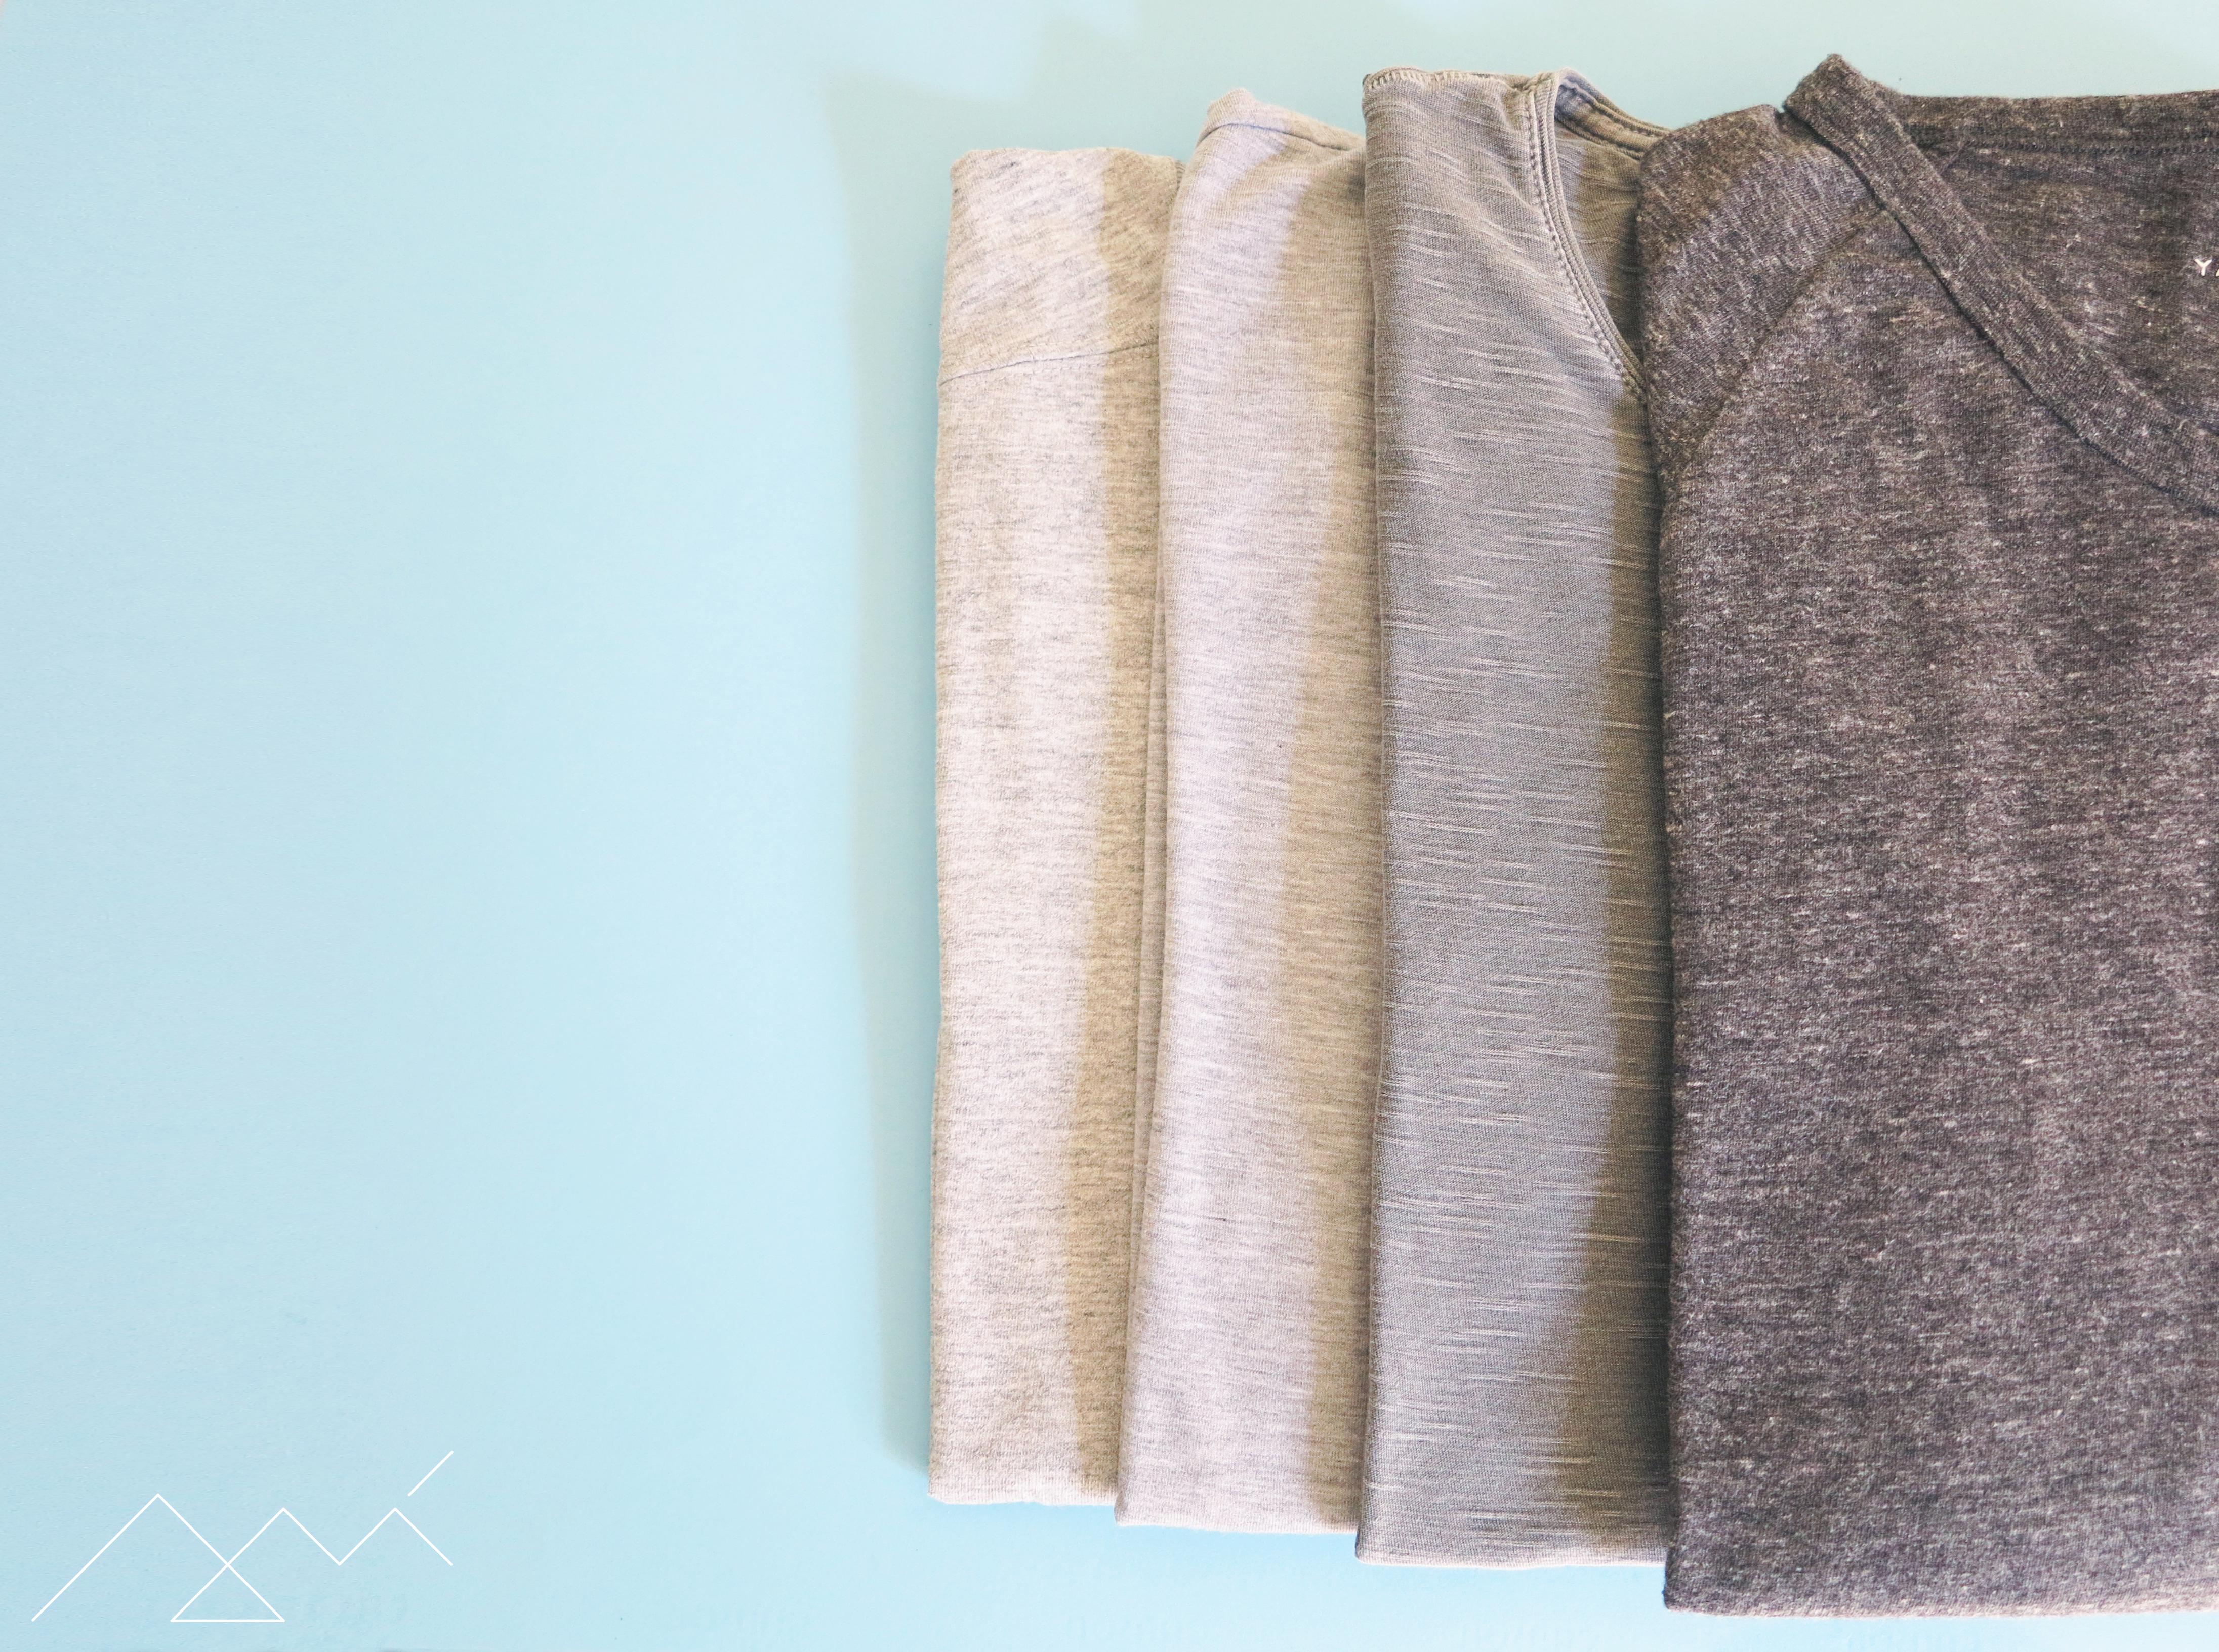 13 dicas de como repetir roupa de forma criativa e inteligente, por Andresa M Caparroz